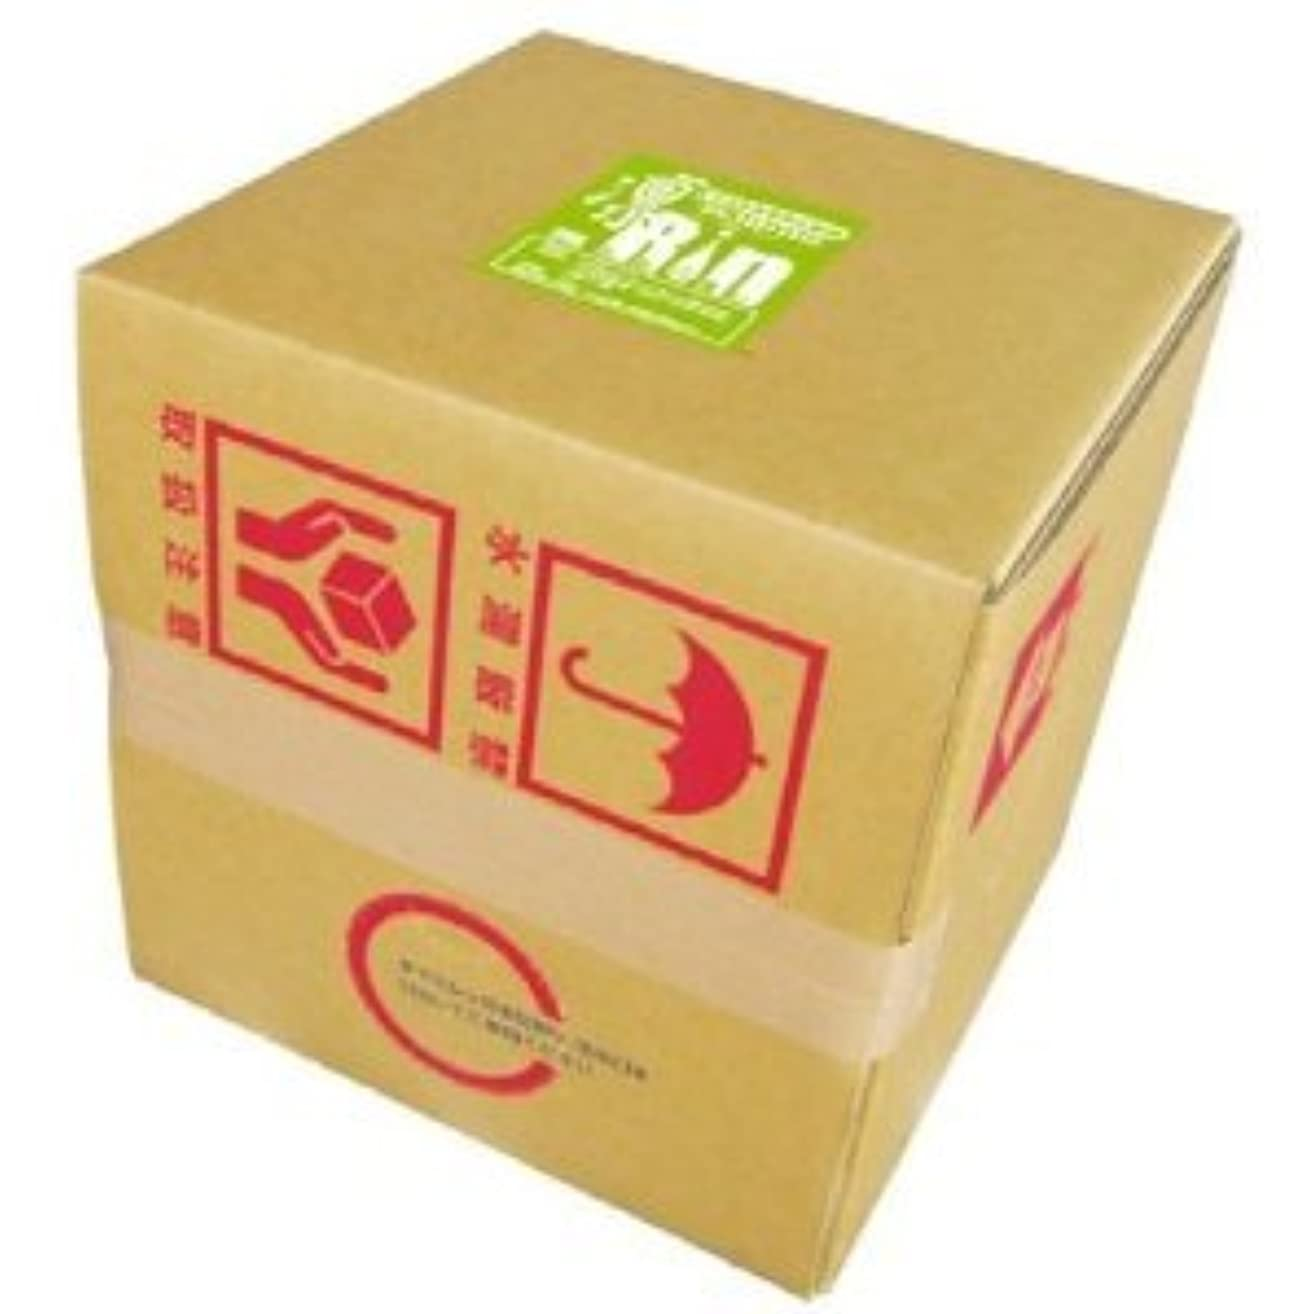 あえぎ即席異常くさの葉化粧品 ボディソープ 凛 20リットル 箱